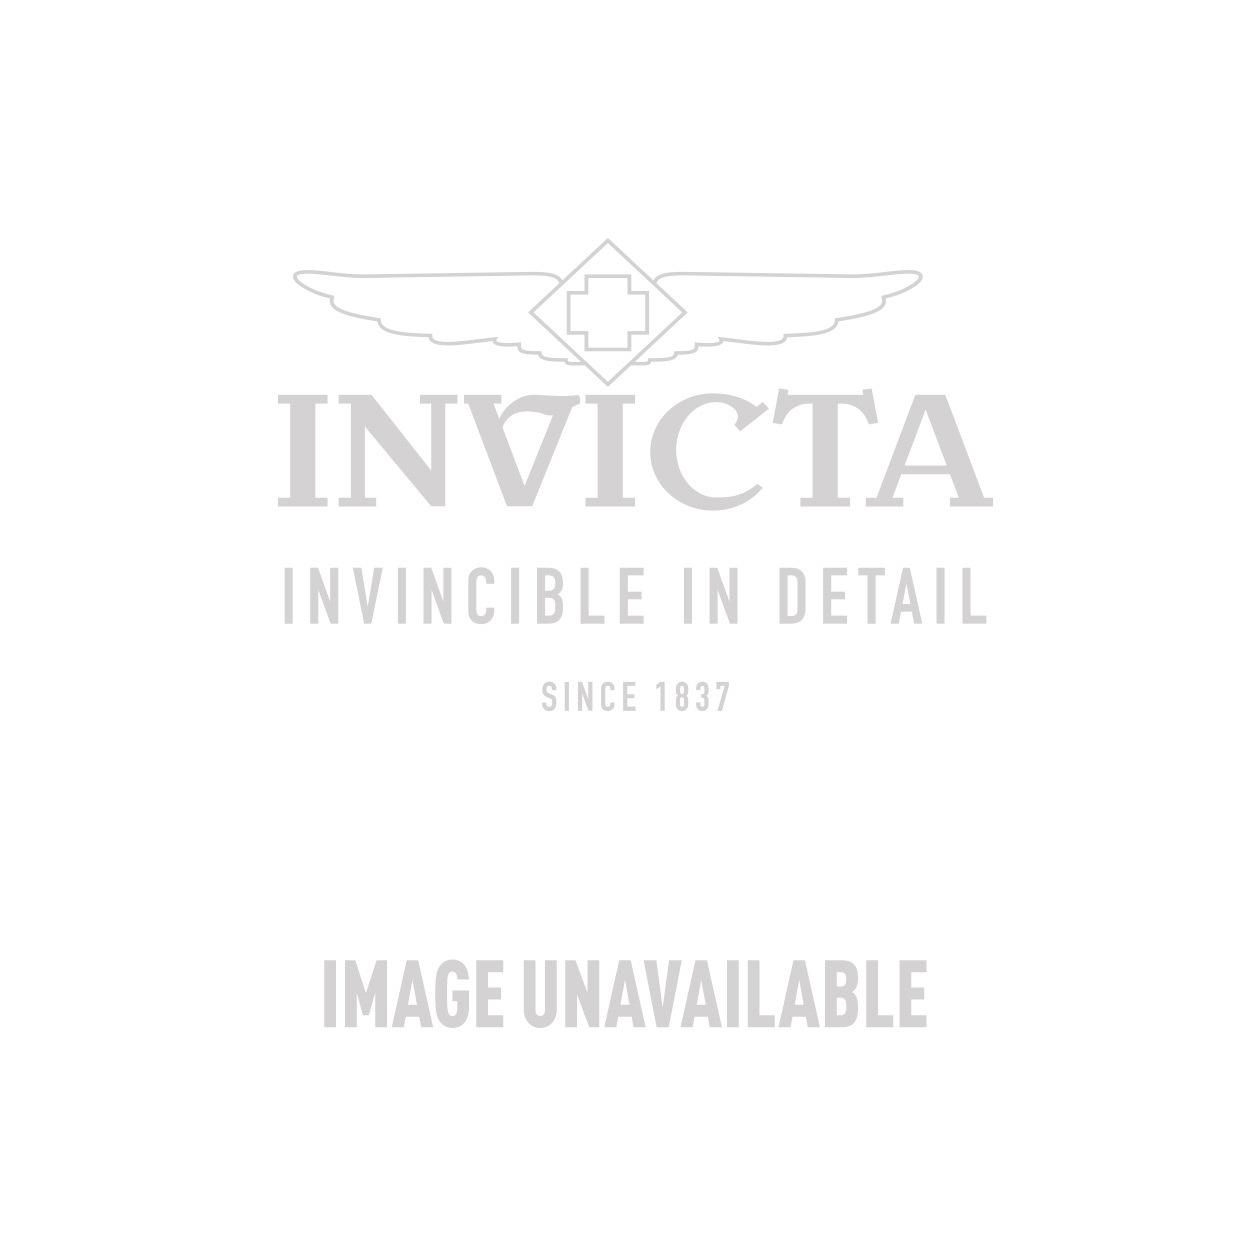 Invicta Model 25235